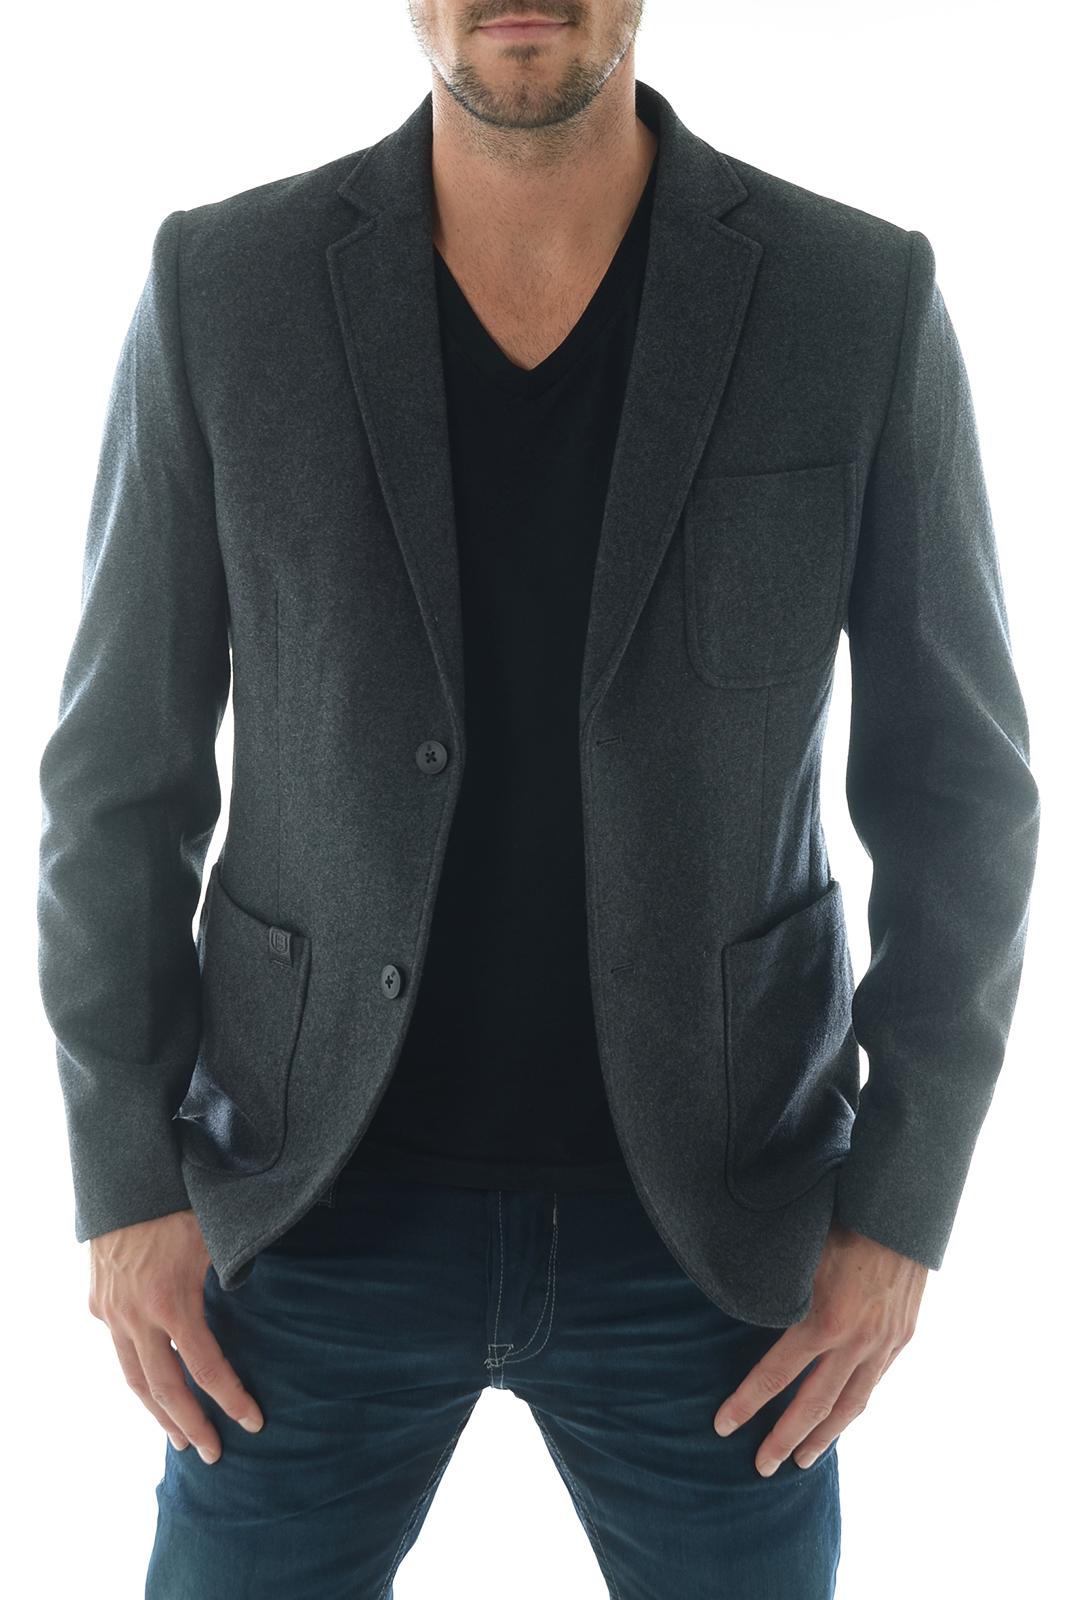 Veste / Blouson Biaggio Jeans Homme S,m,l,xl,xxl